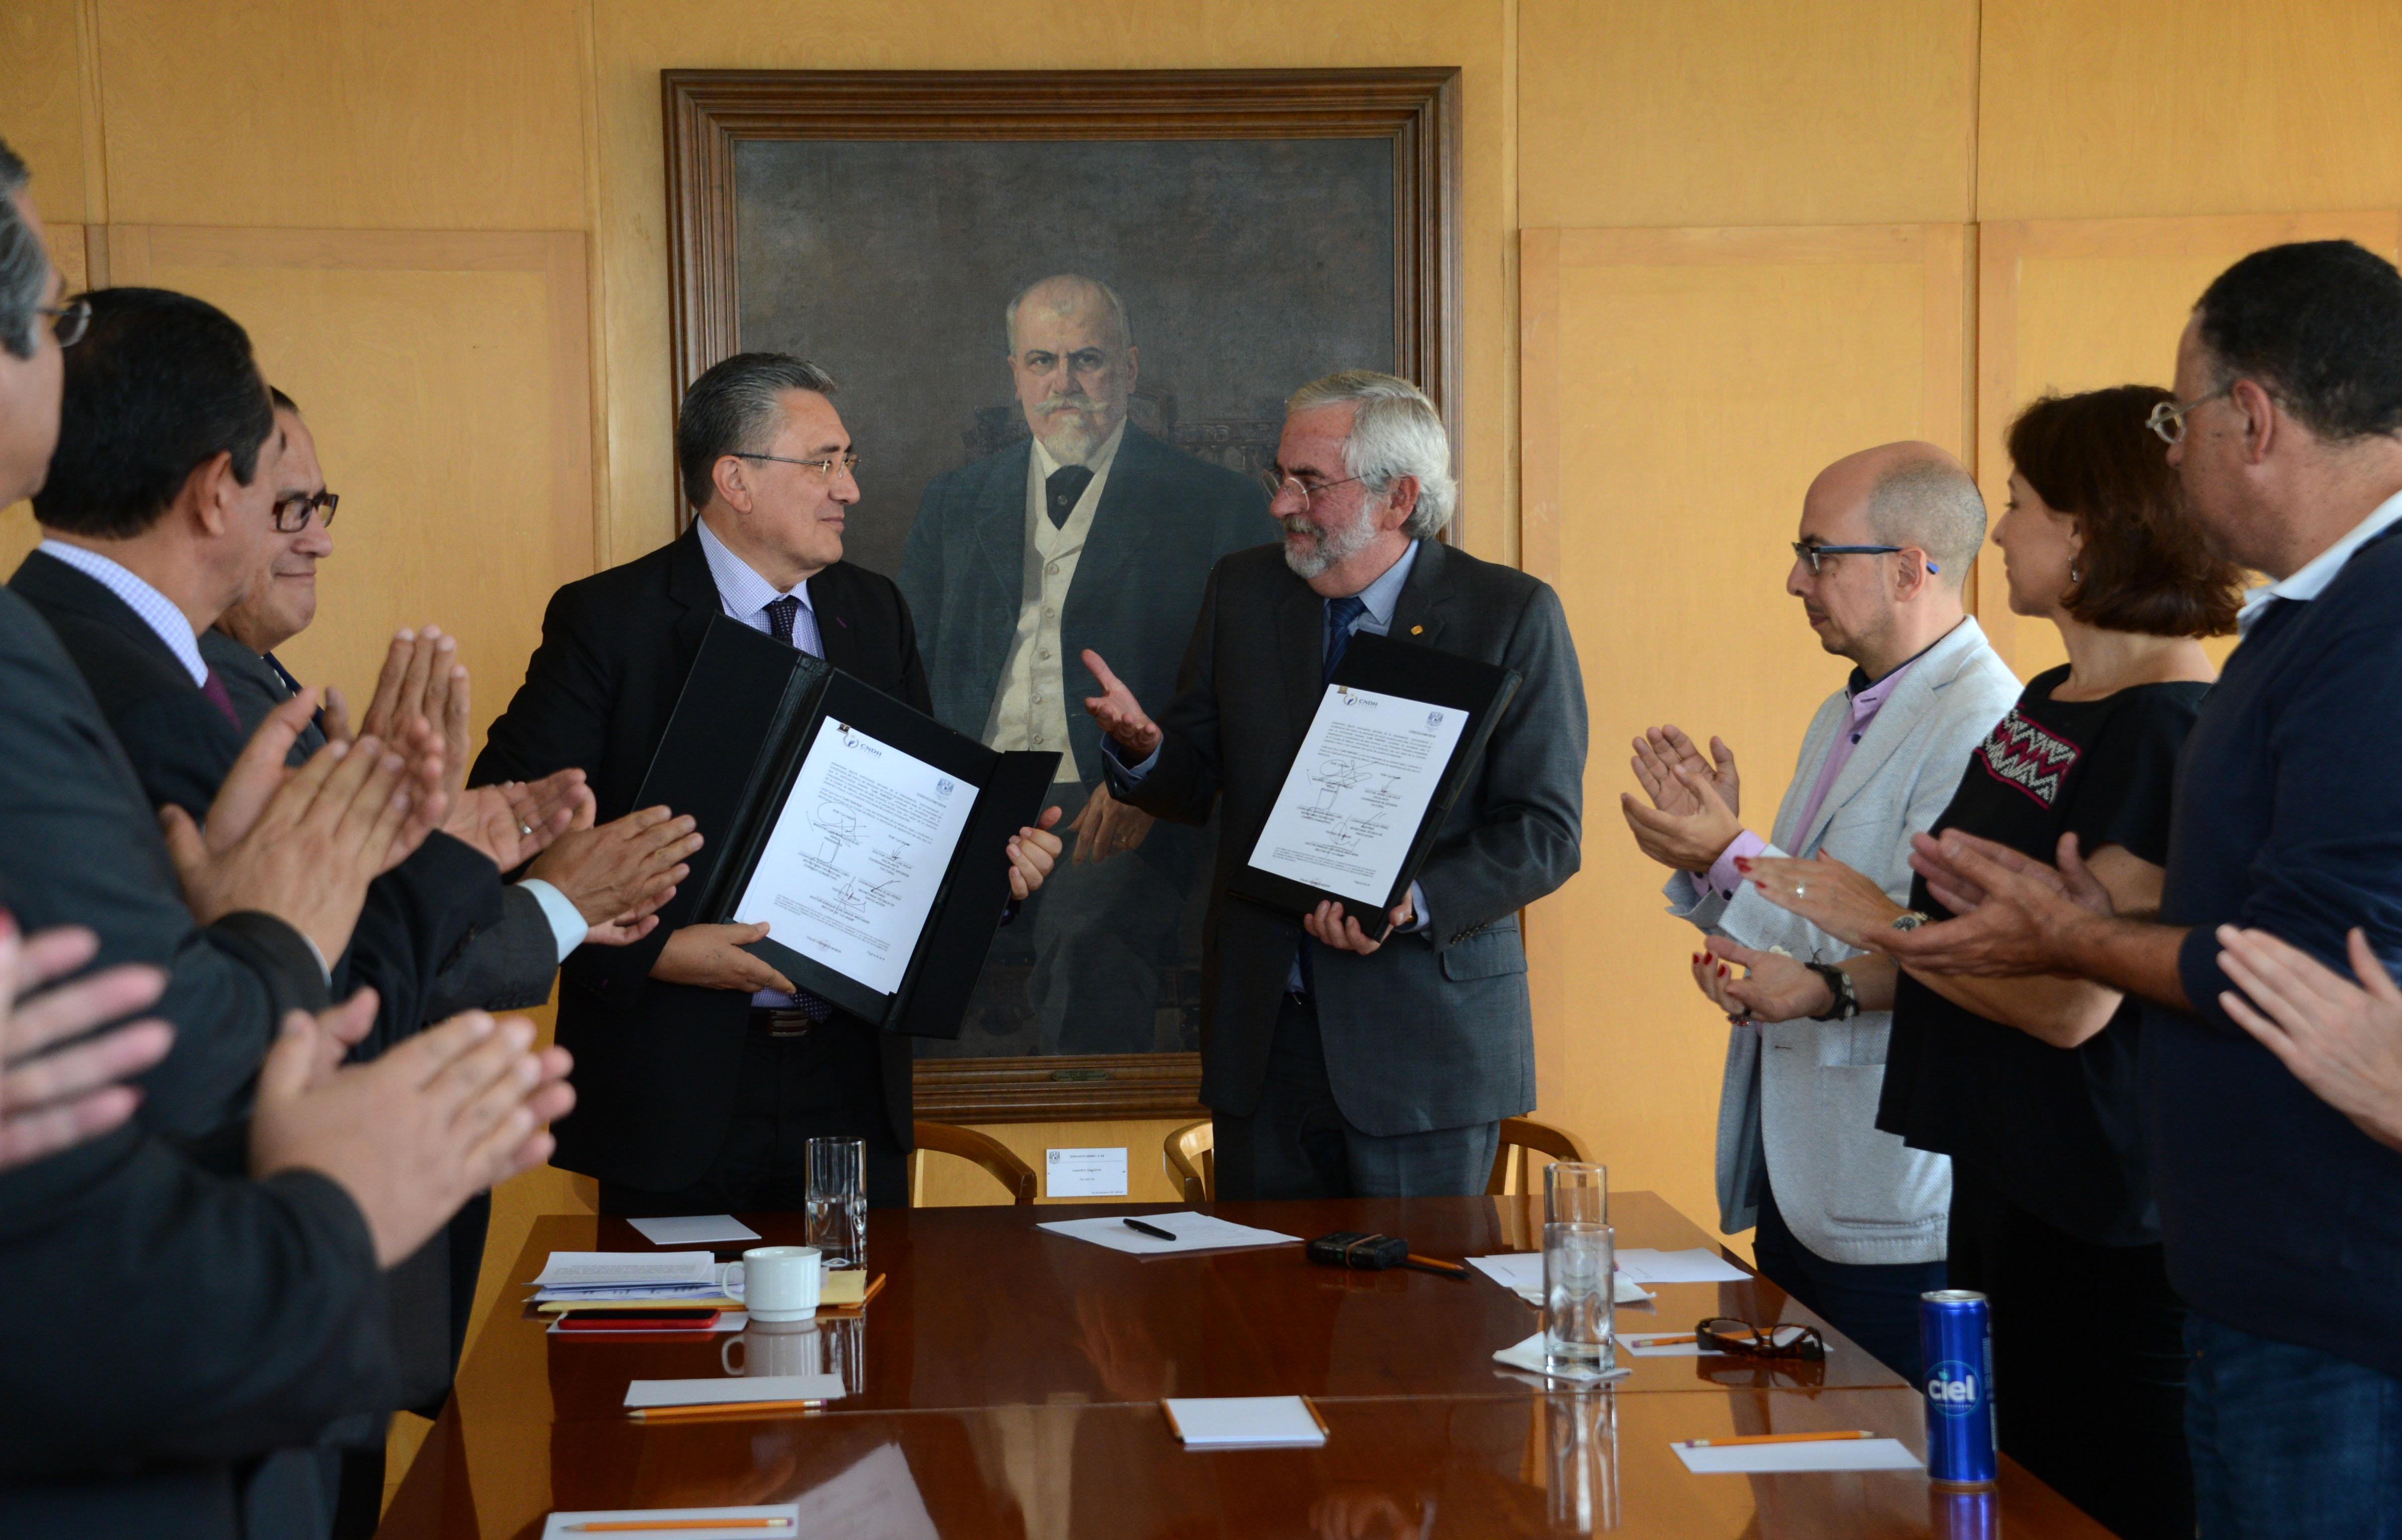 Firman Convenio UNAM y CNDH para realizar Actividades Conjuntas de la Cátedra Nelson Mandela